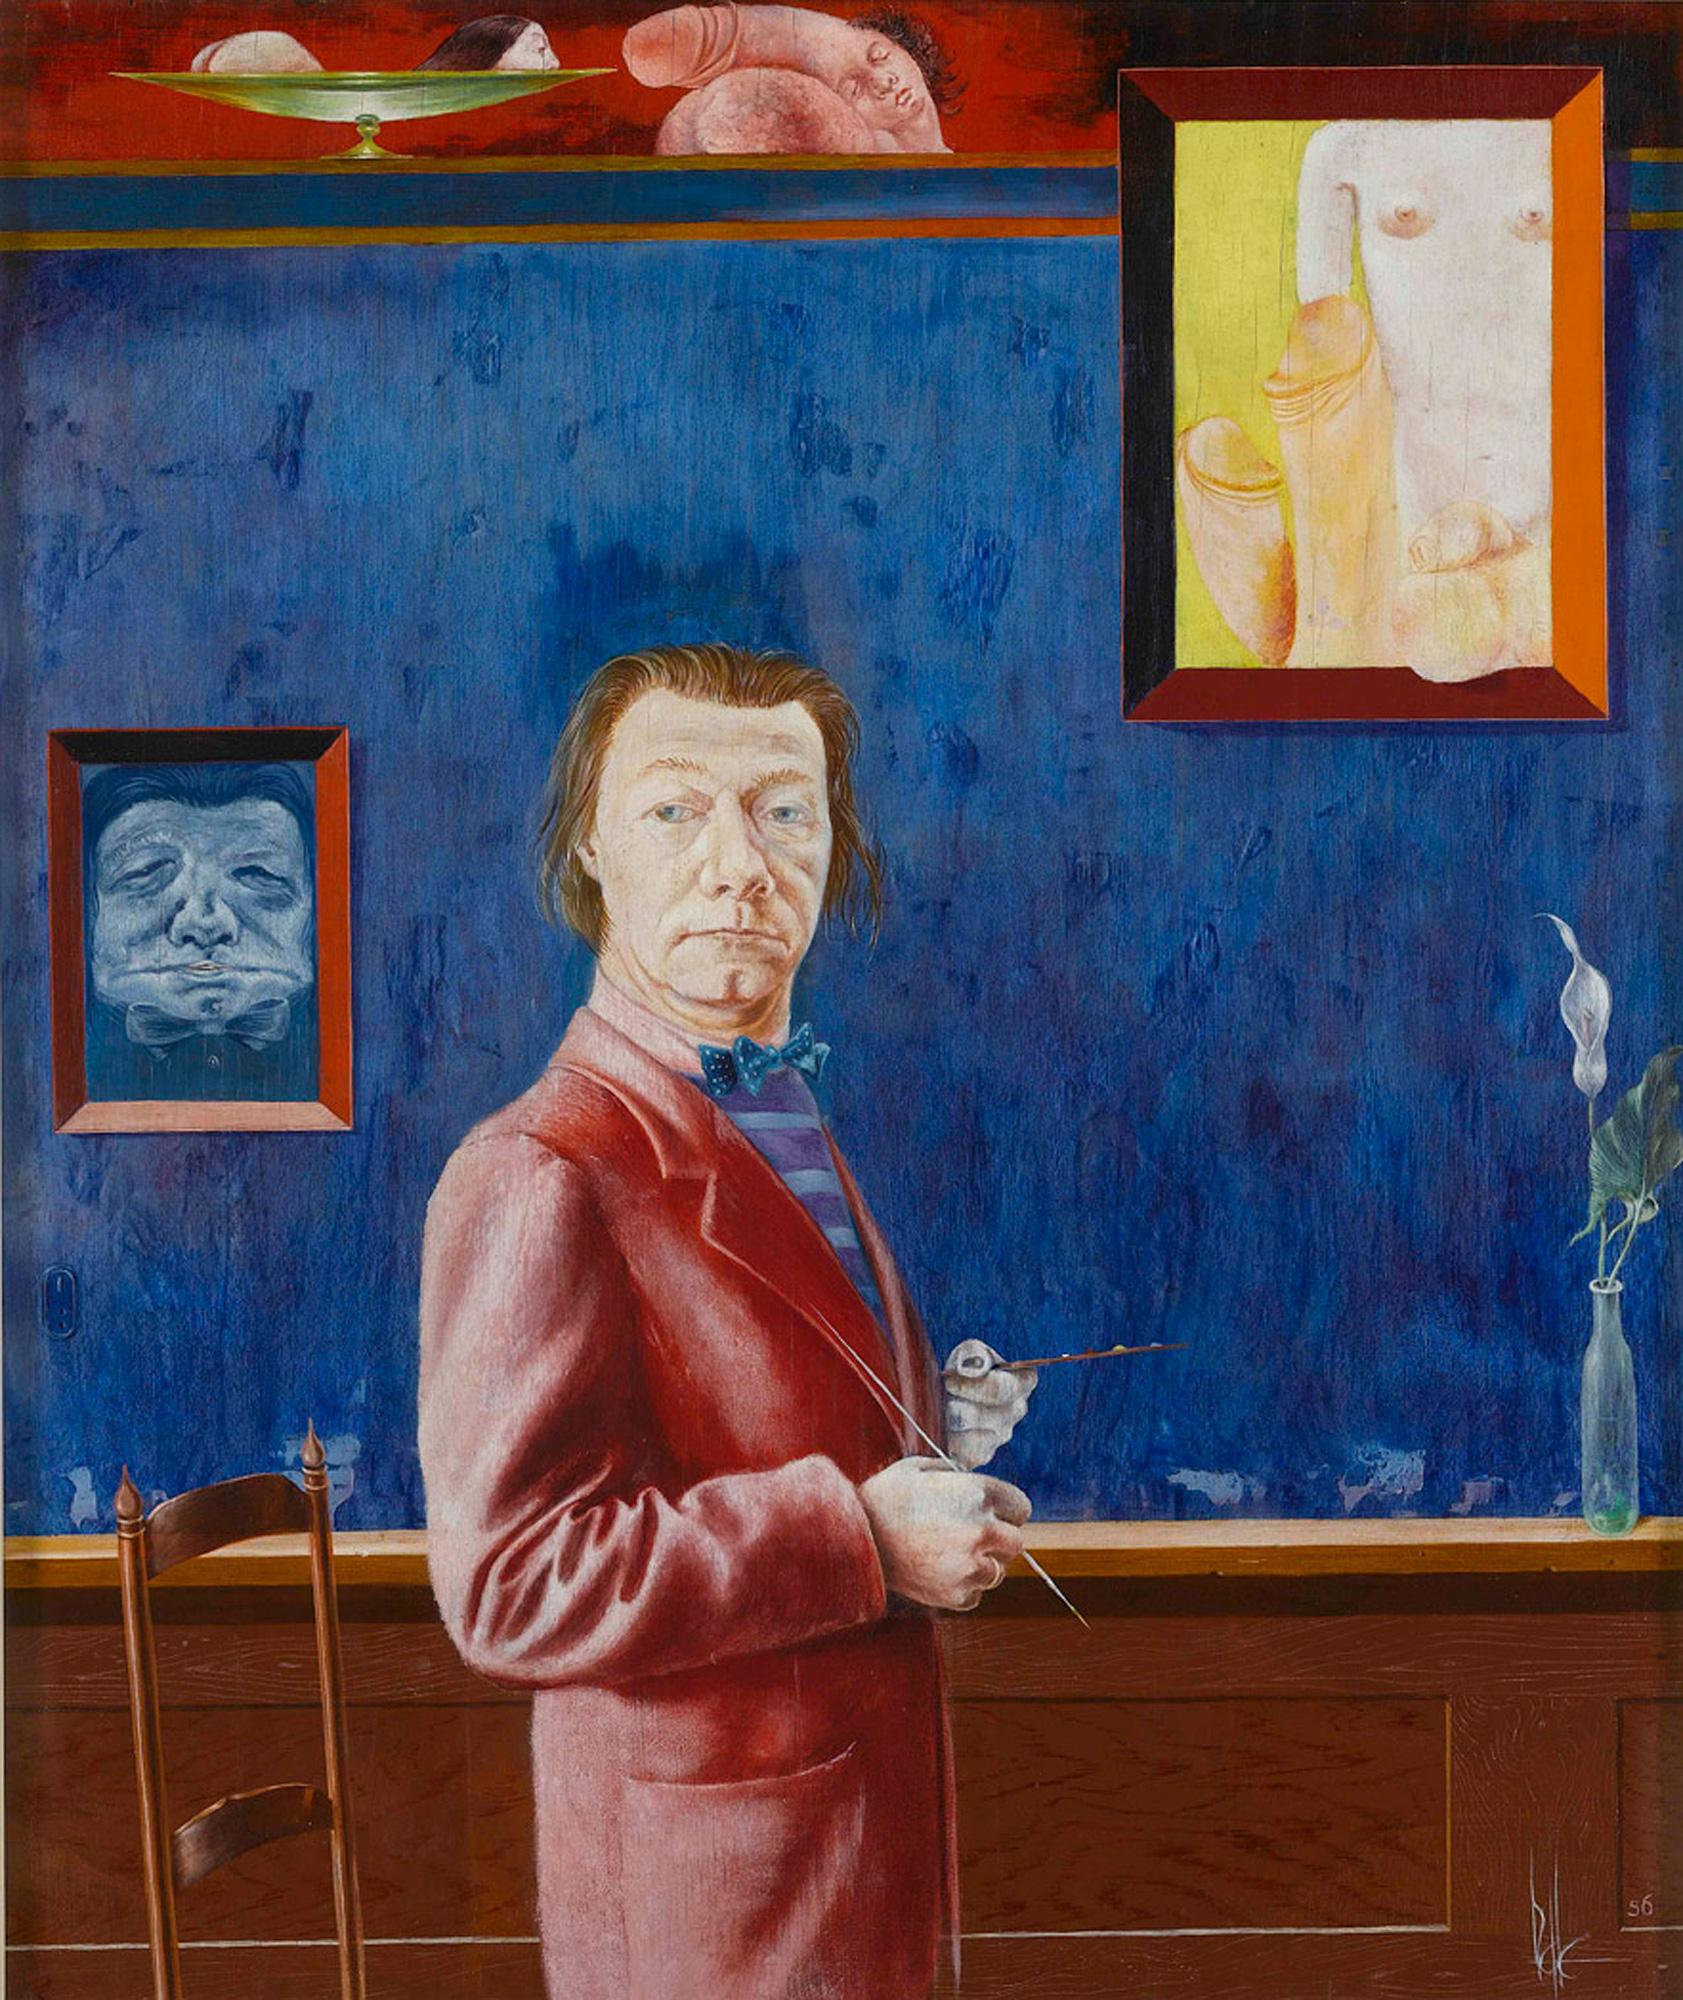 Melle schilder | Zelfportret, olieverf op paneel